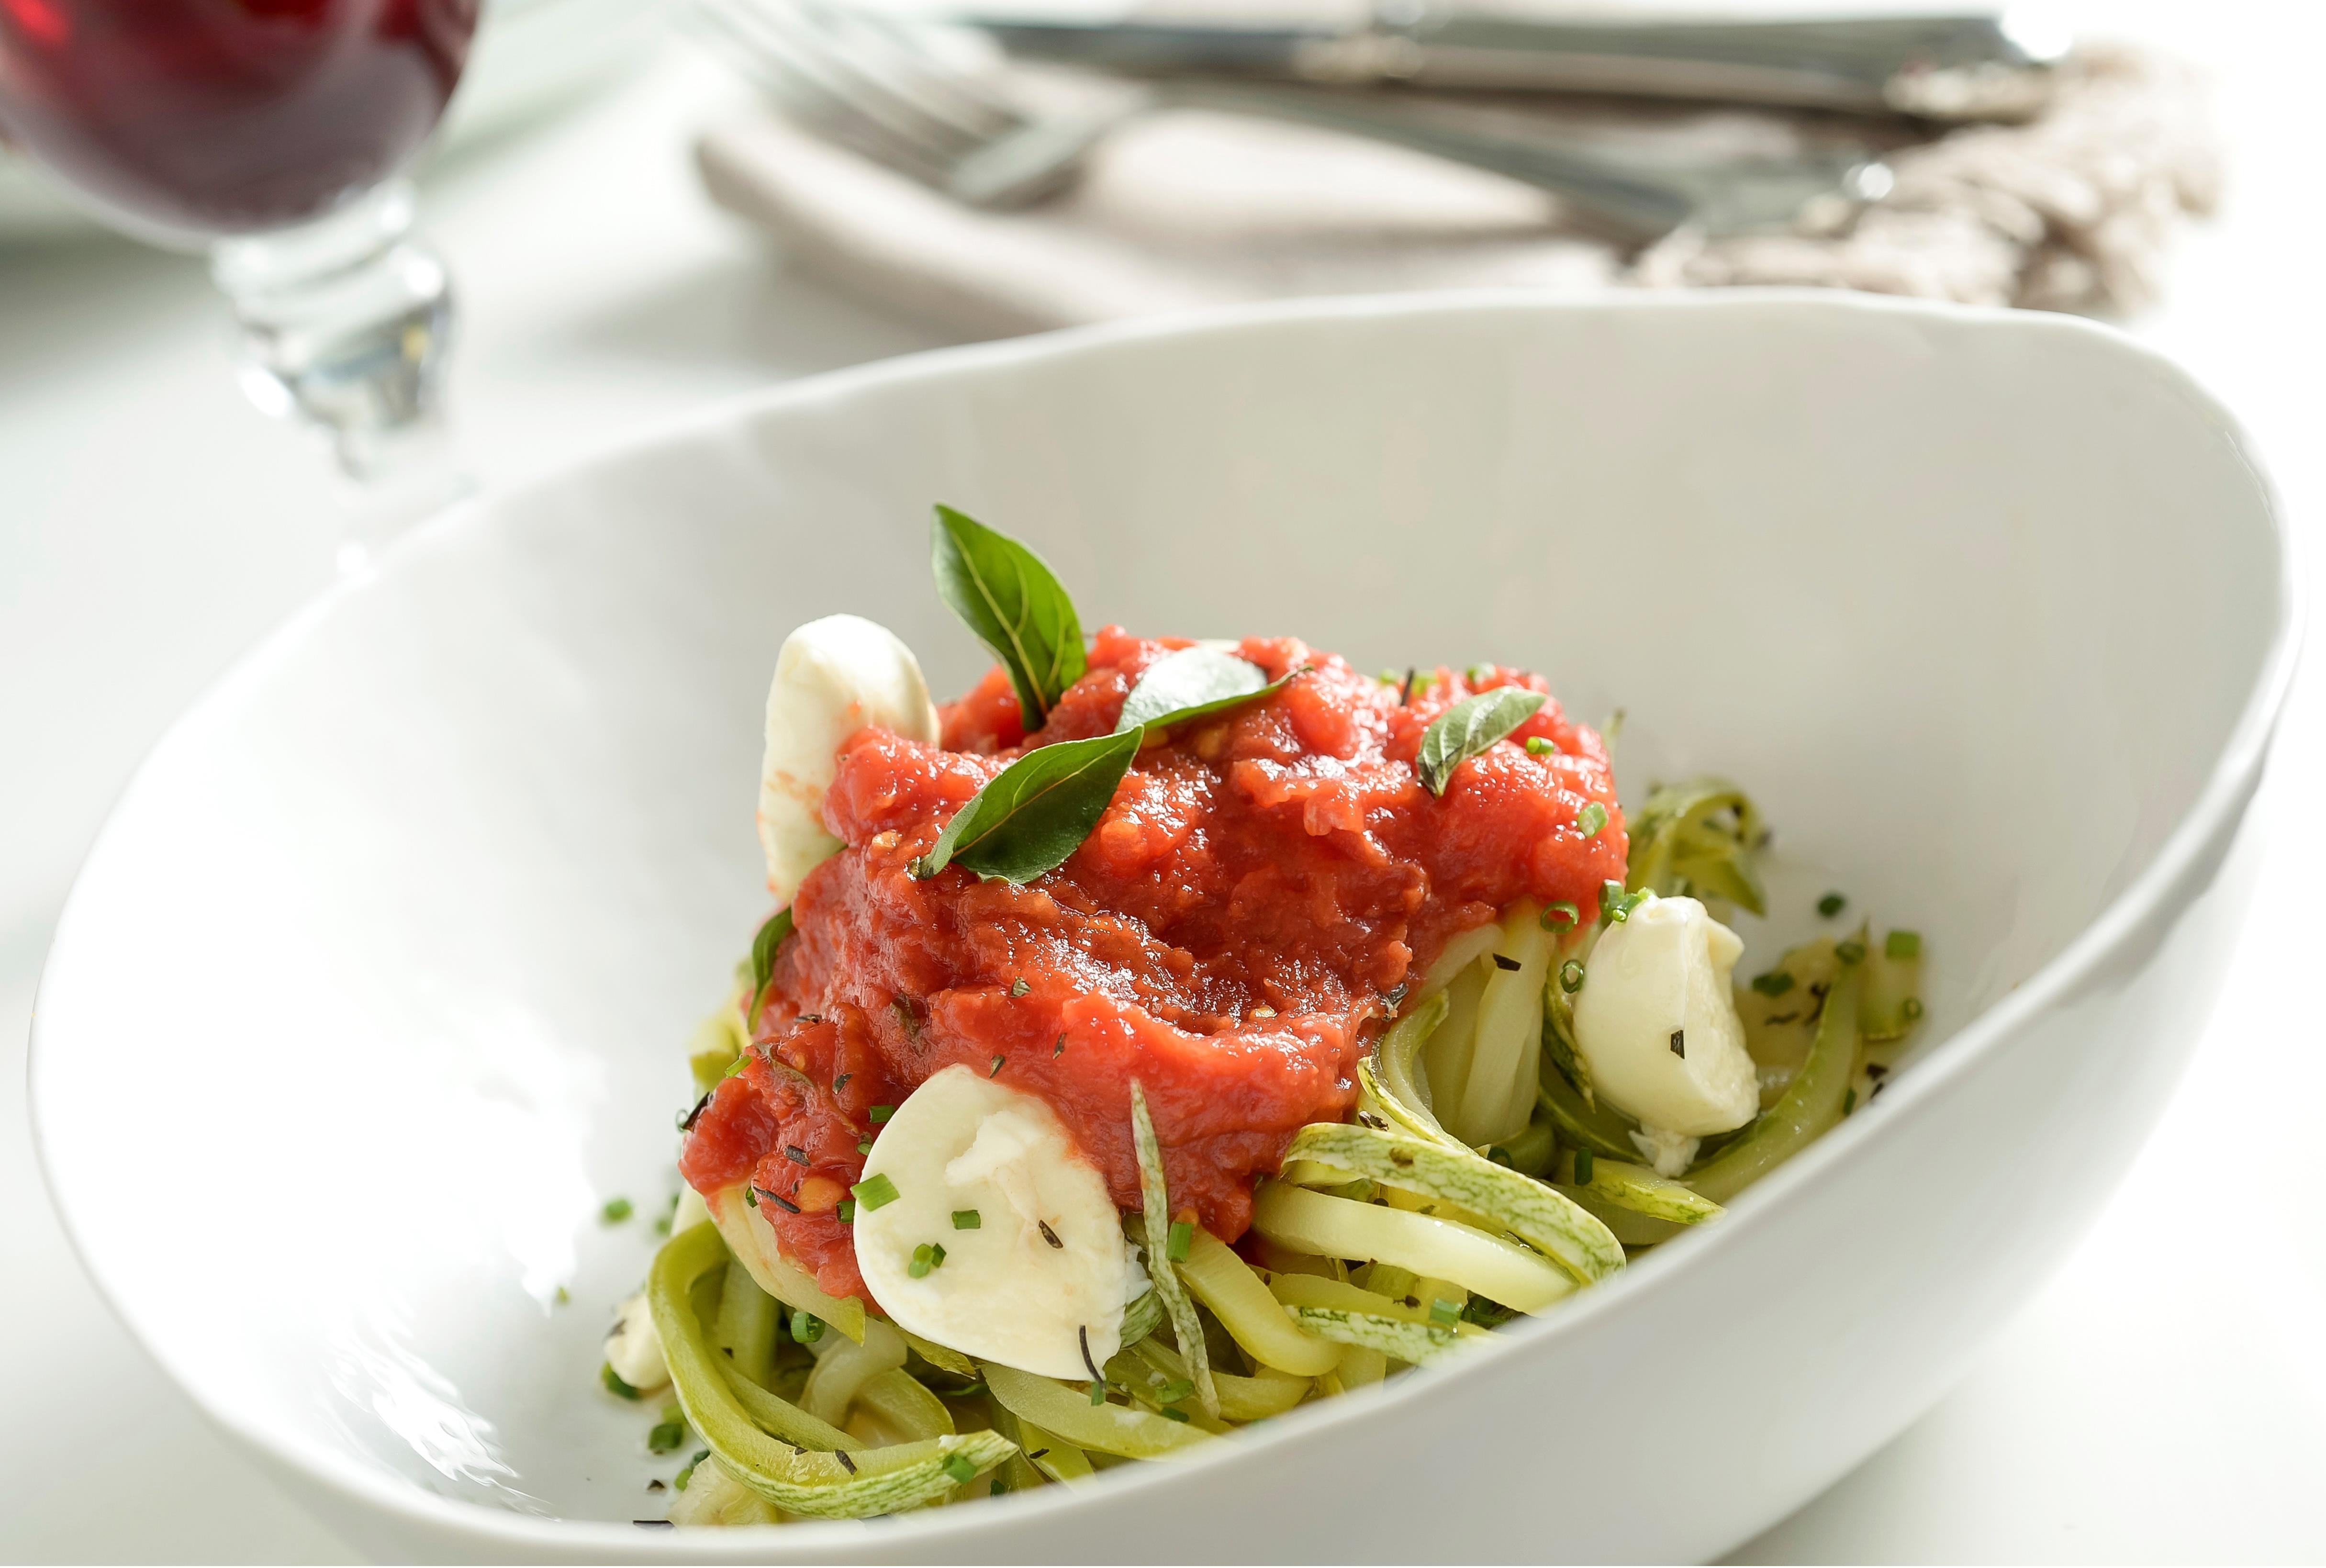 Espaguete de abobrinha com ragu de tomate (Tadeu Brunelli)